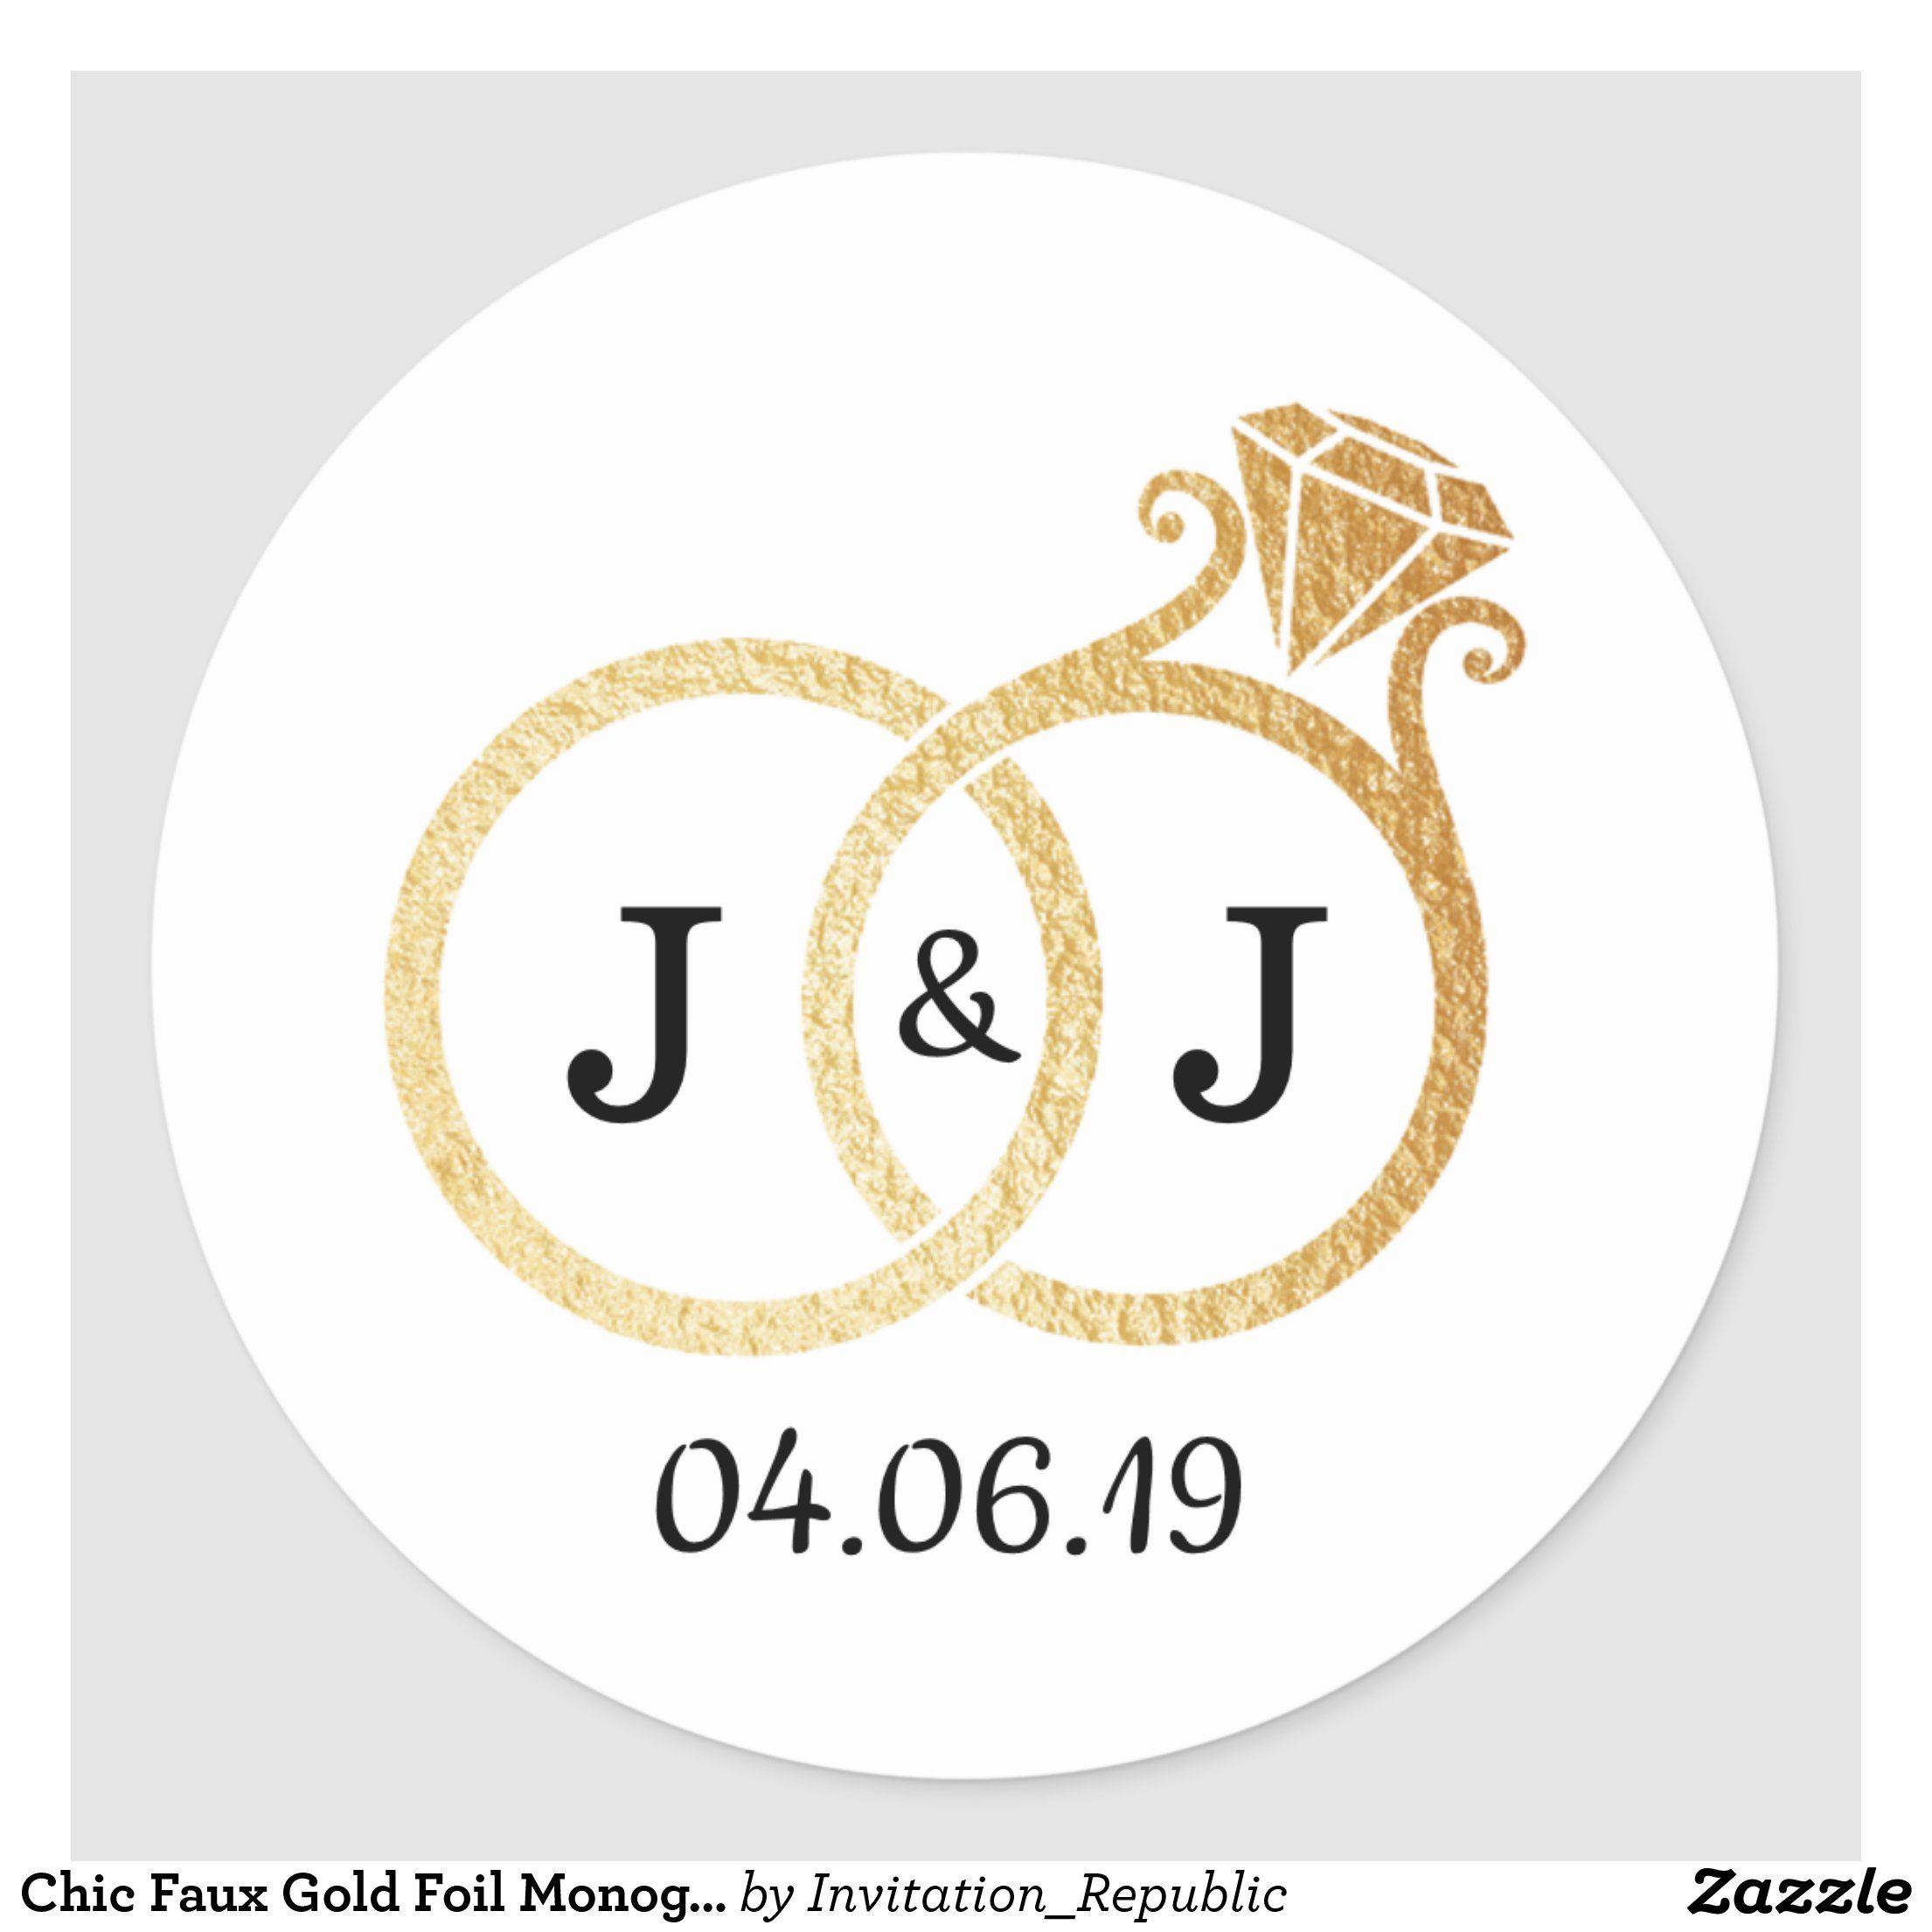 Chic Faux Gold Foil Monogram Wedding Rings Classic Round Sticker Zazzle Com Faux Gold Foil Monogram Wedding Wedding Stickers